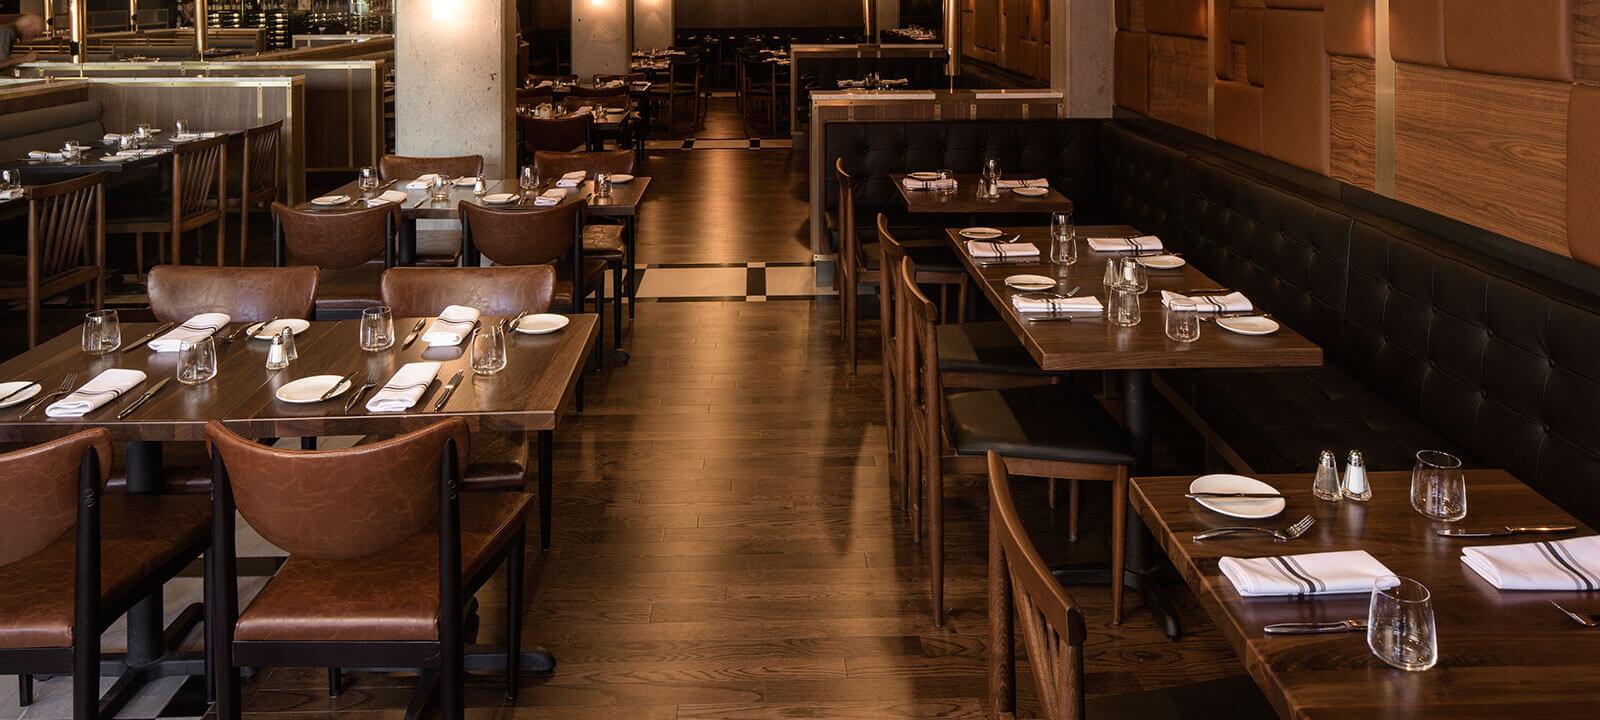 Restaurant innovant et frais au vieux montr al maggie oakes for Restaurant salle a manger montreal